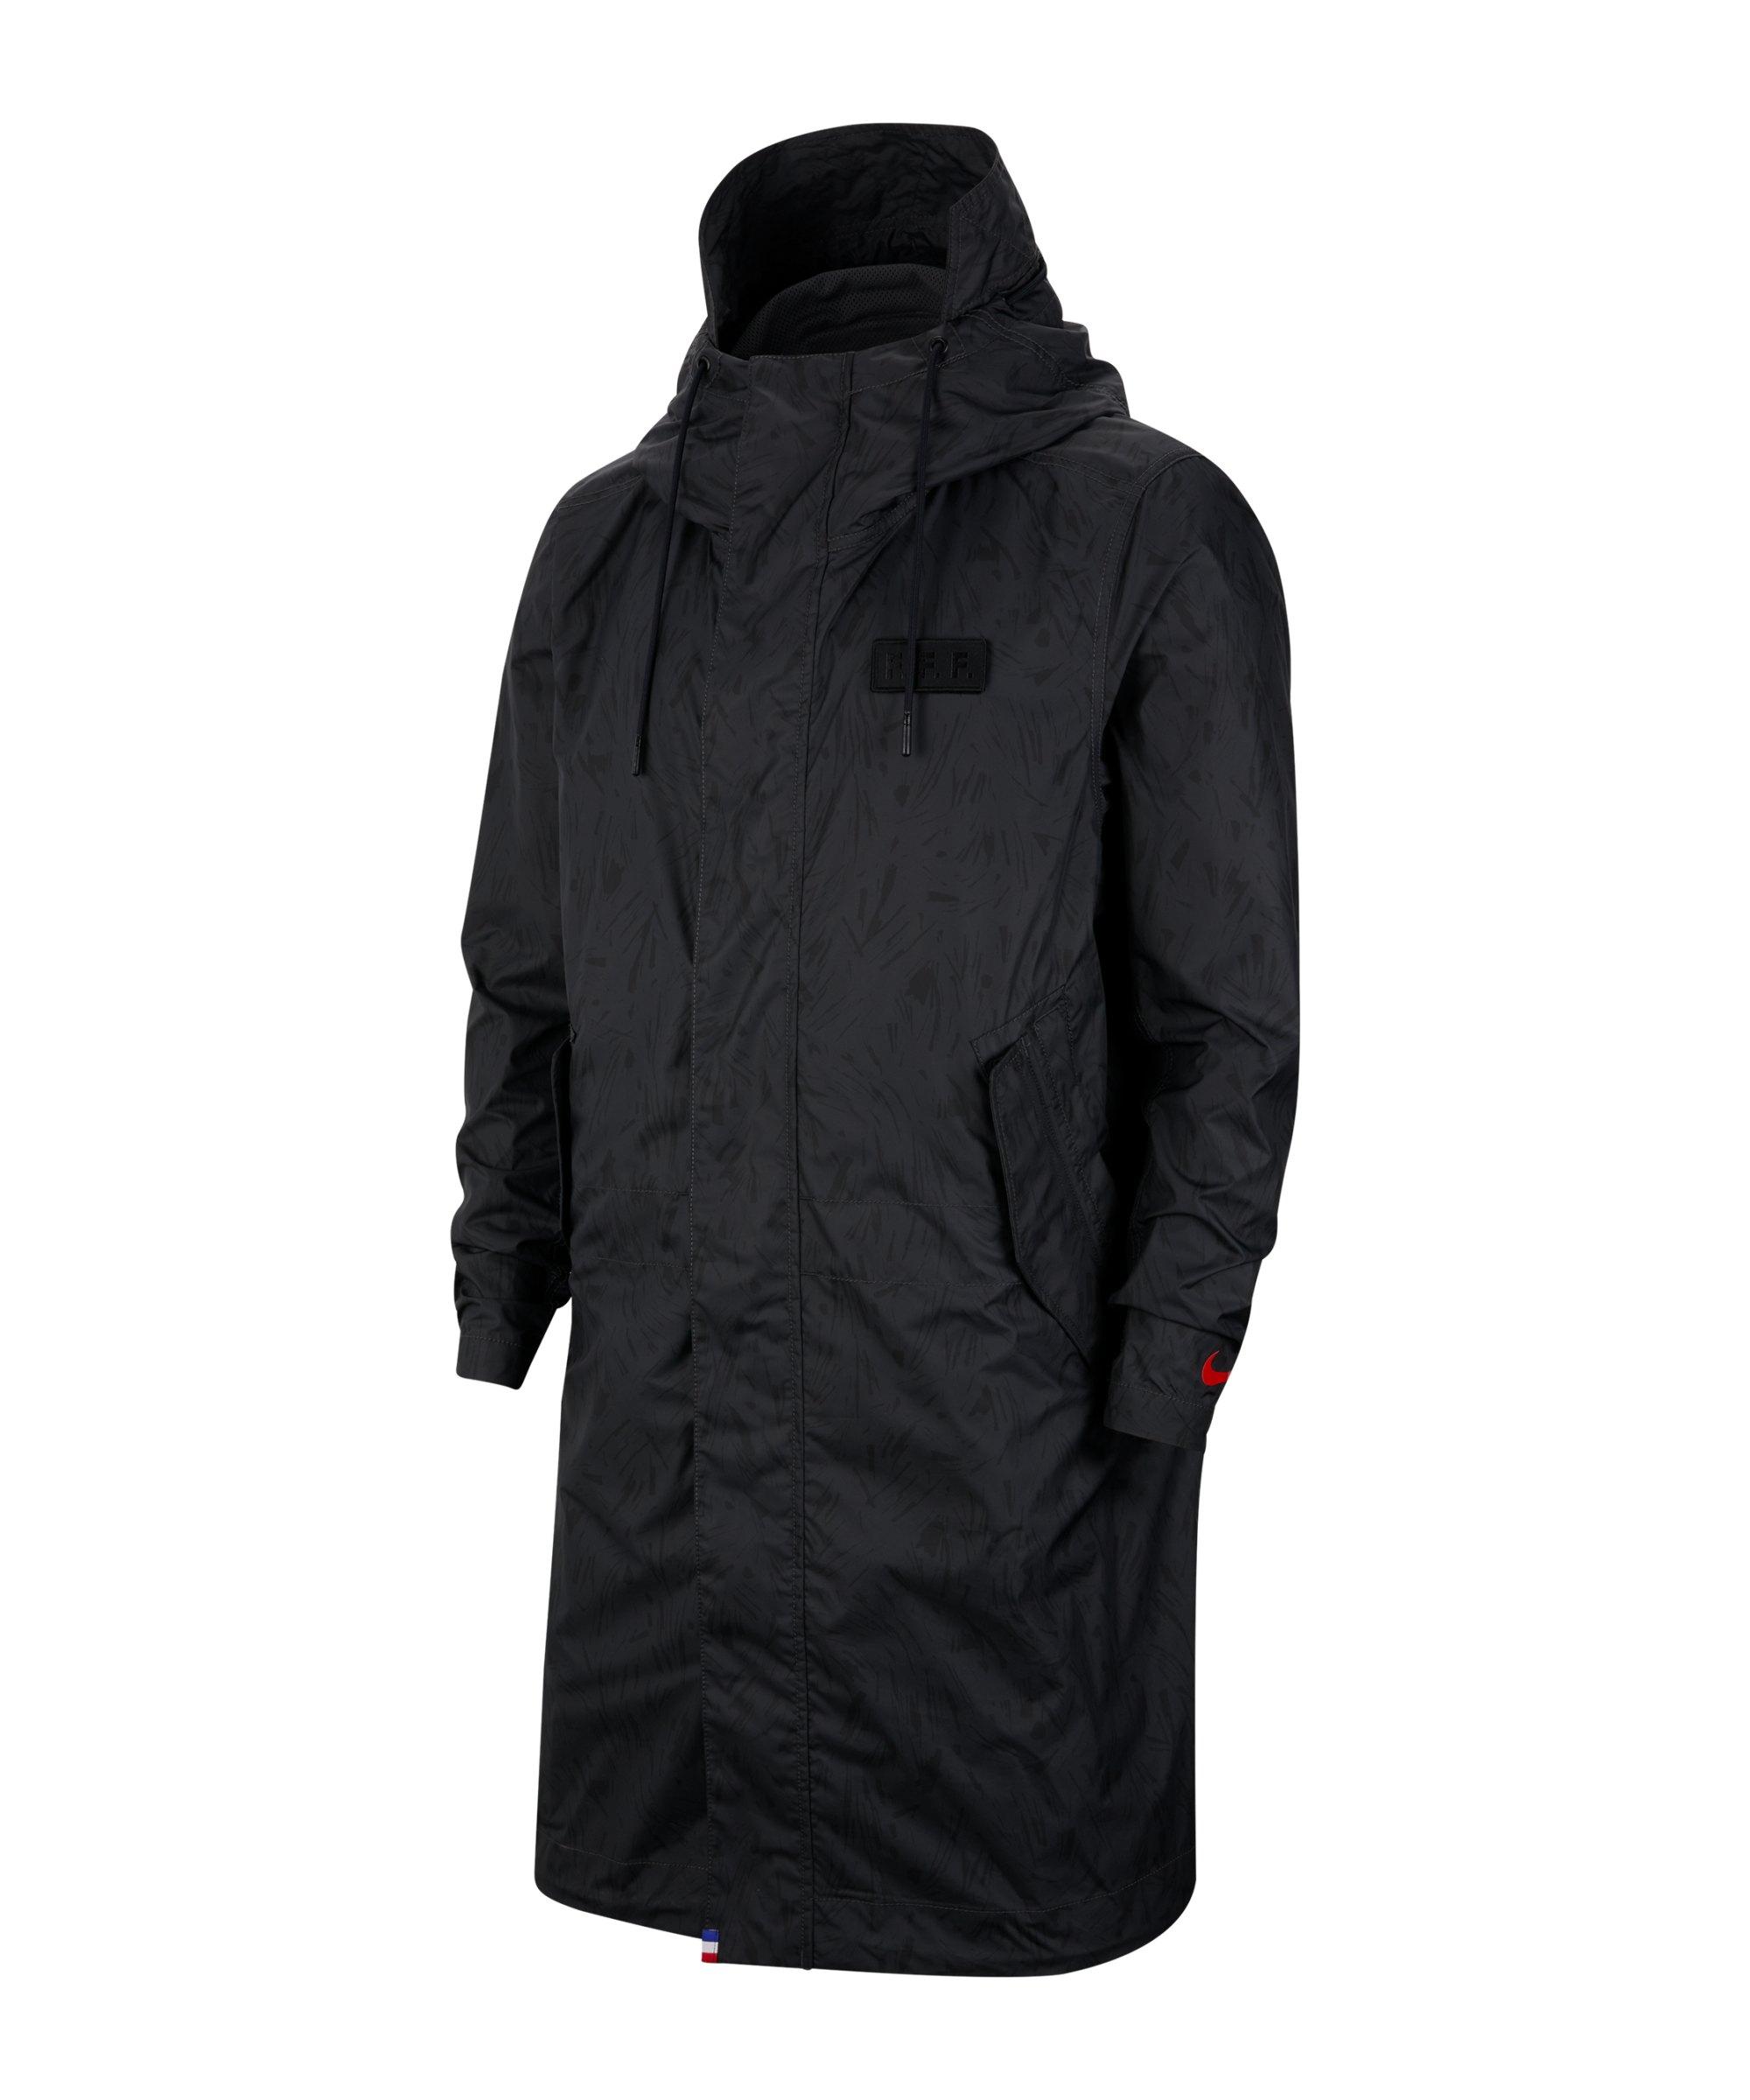 Nike Frankreich Parka Jacke Schwarz F010 - schwarz